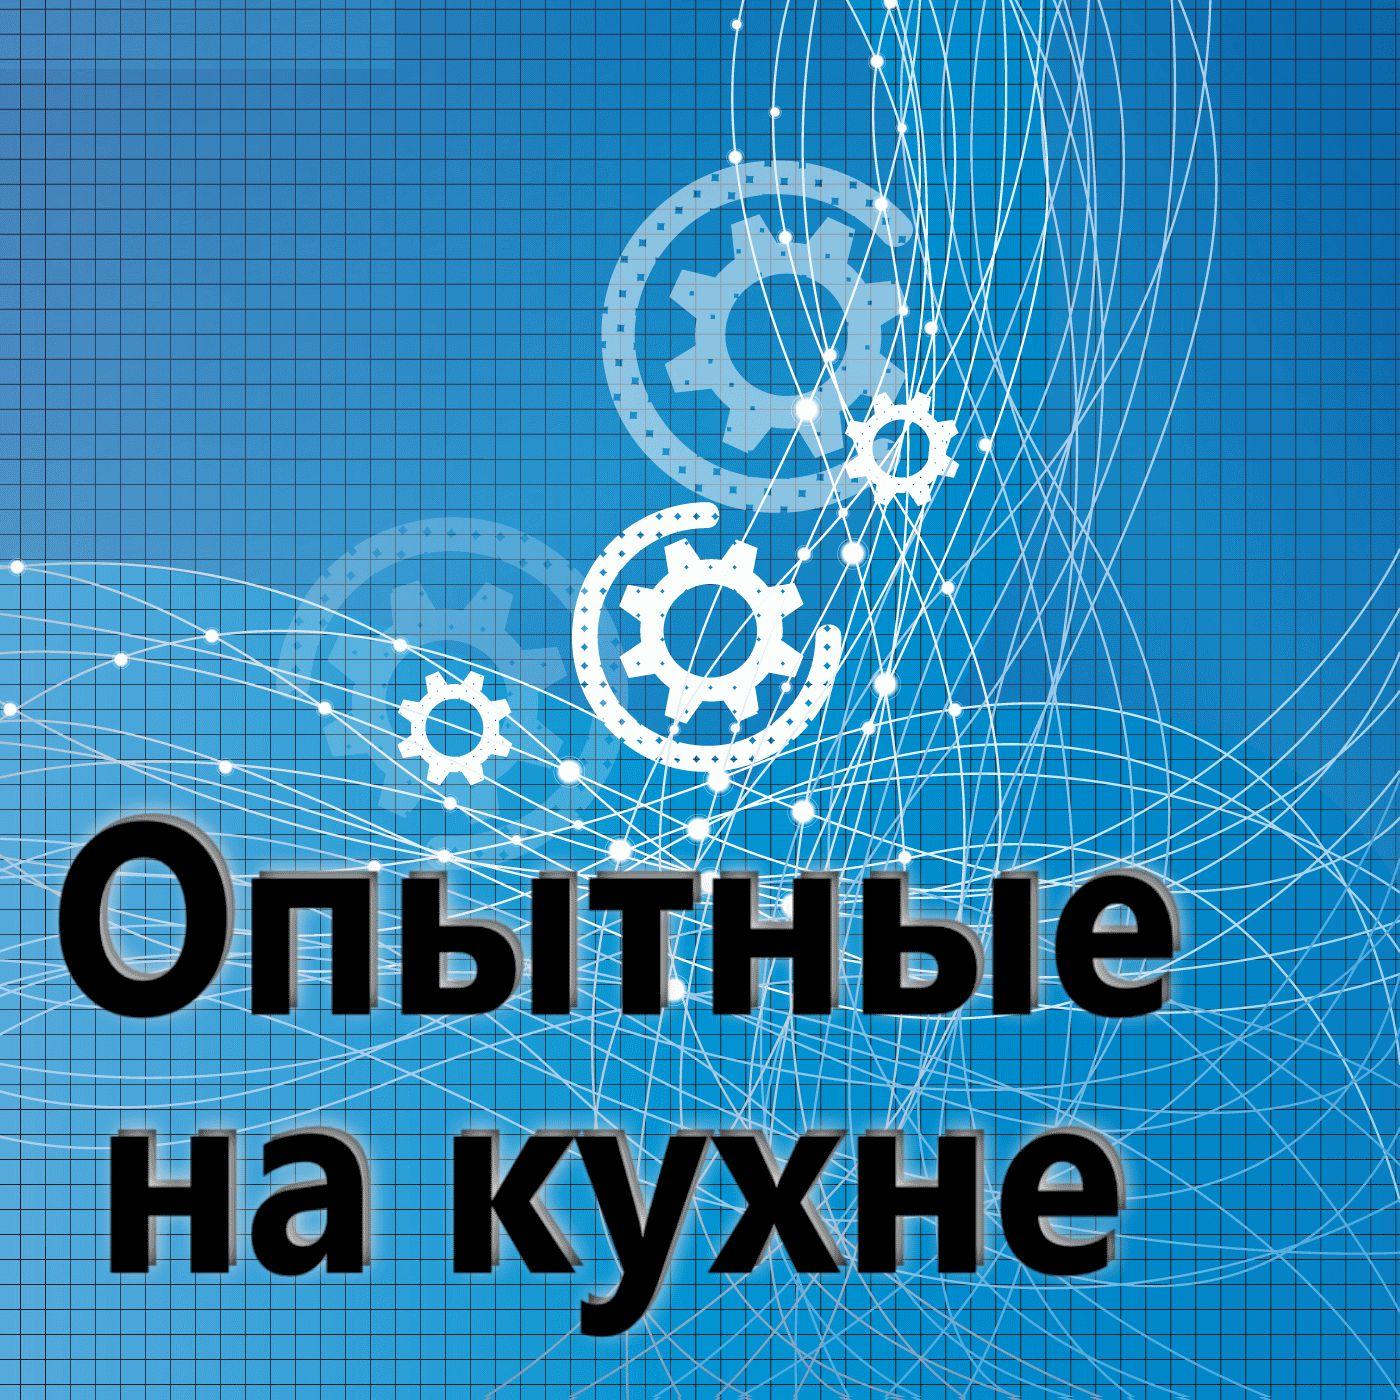 Евгений Плешивцев Опытные на кухне №064 евгений плешивцев опытные на кухне 002